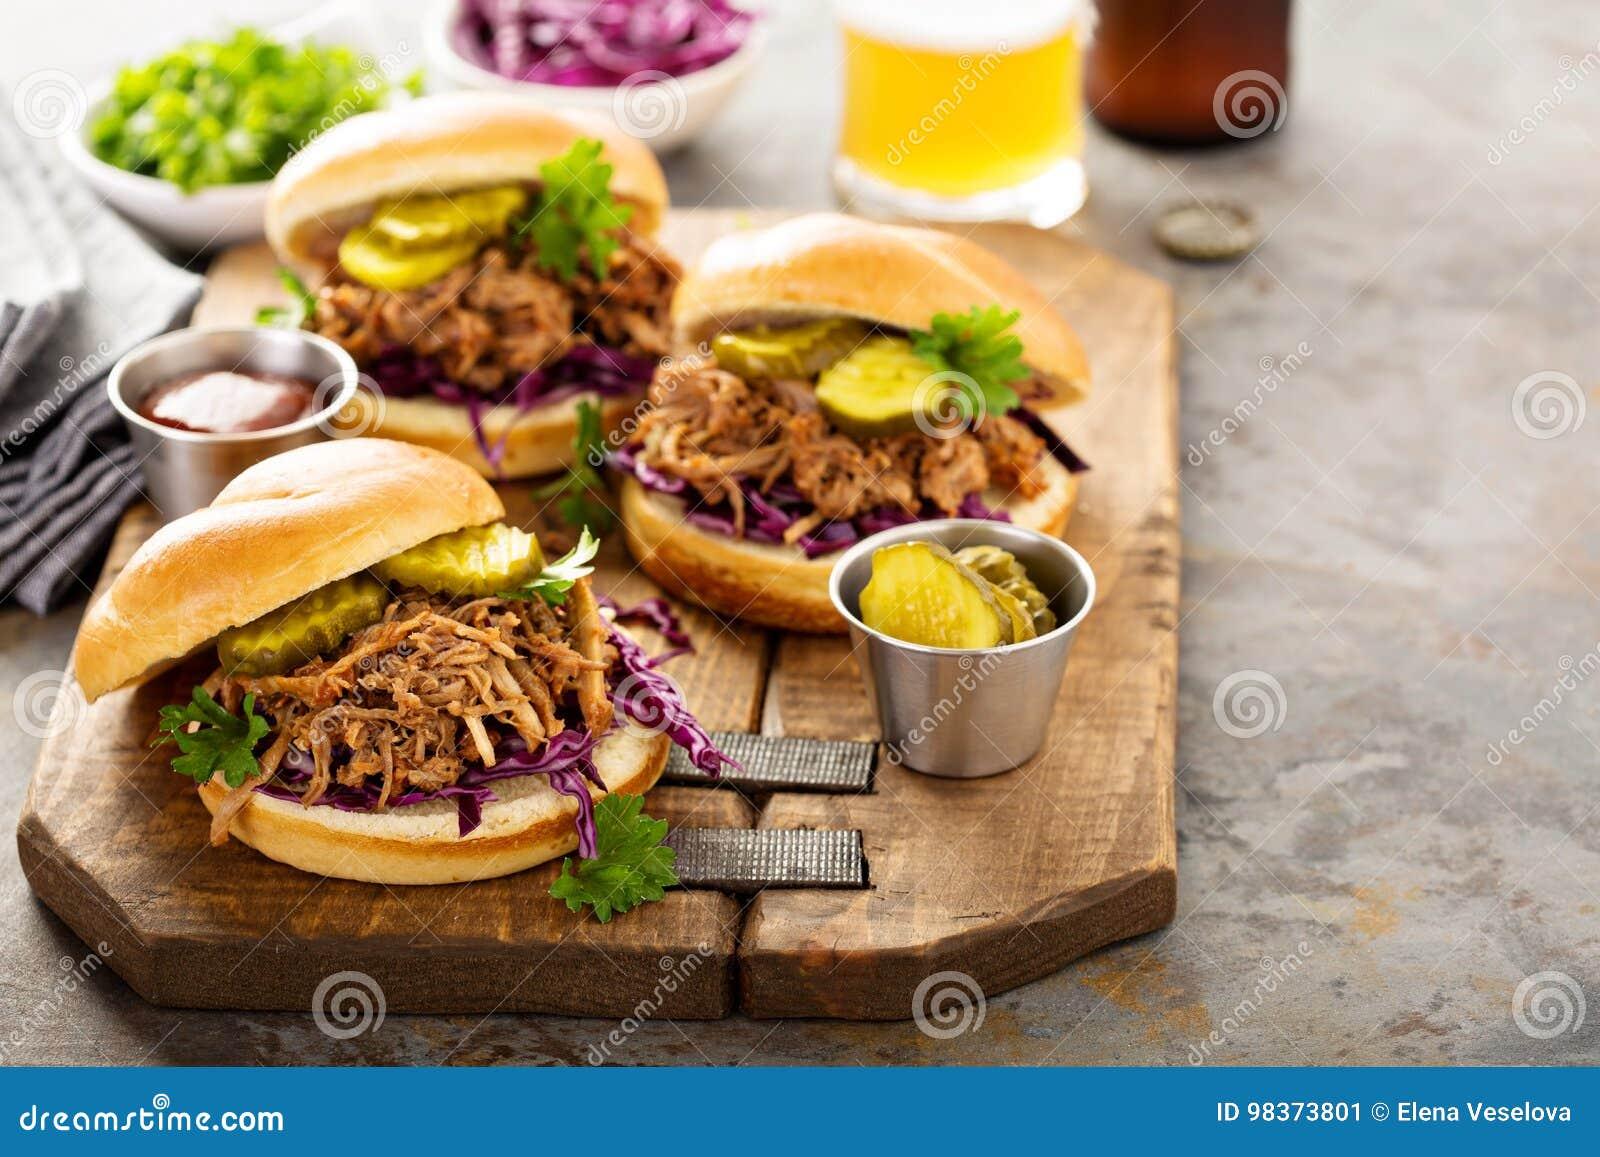 被拉扯的猪肉三明治用圆白菜和腌汁